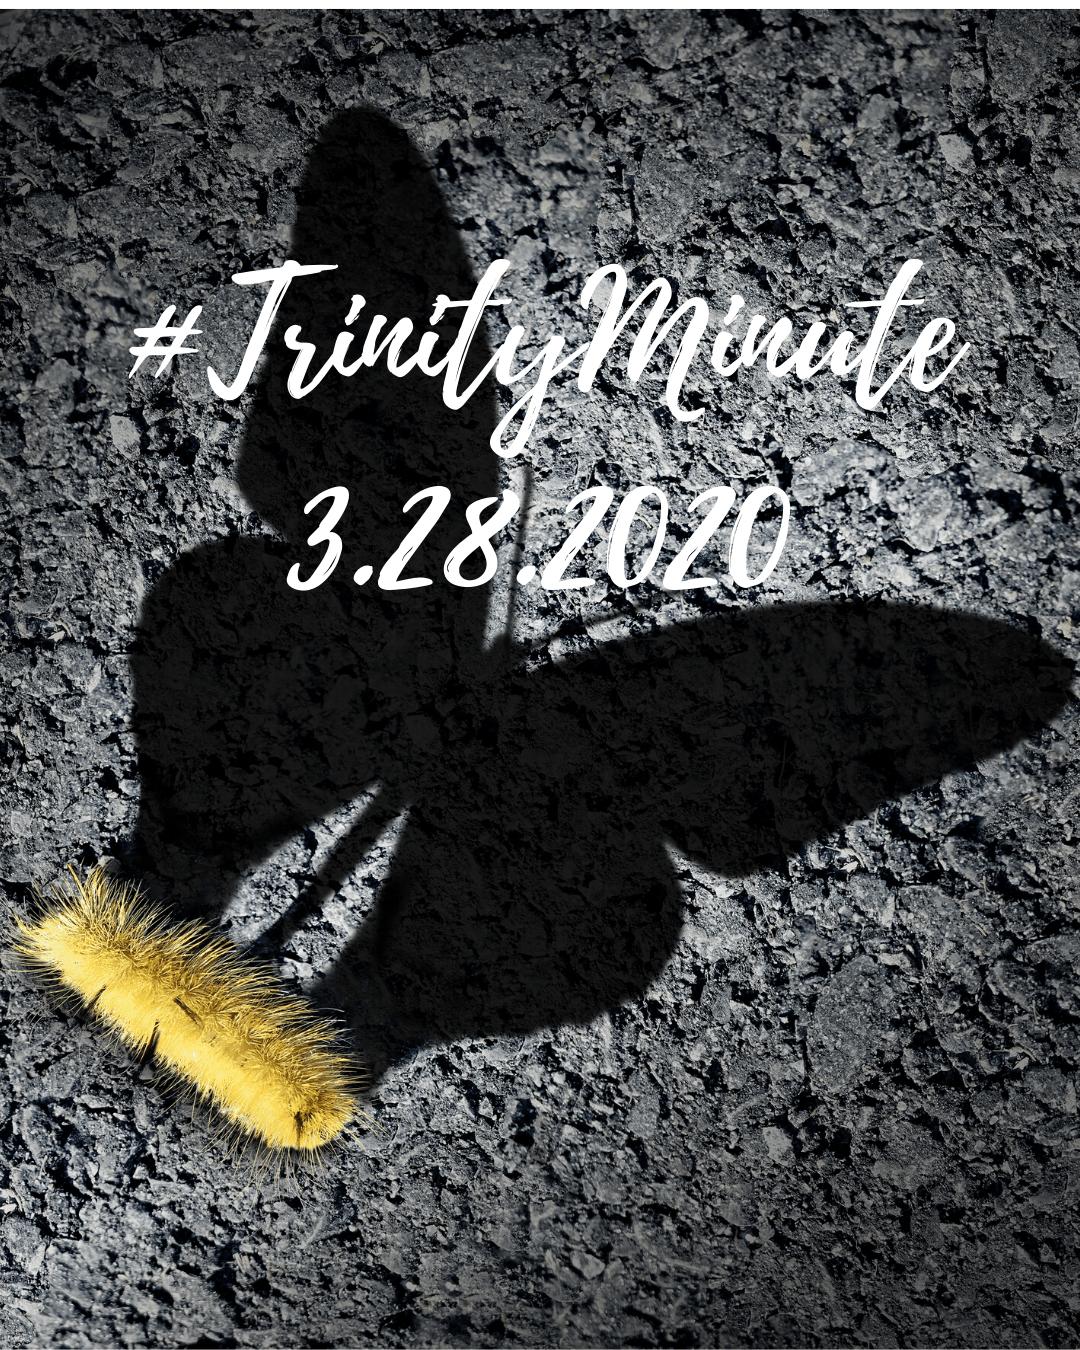 #TrinityMinute 3-28-2020